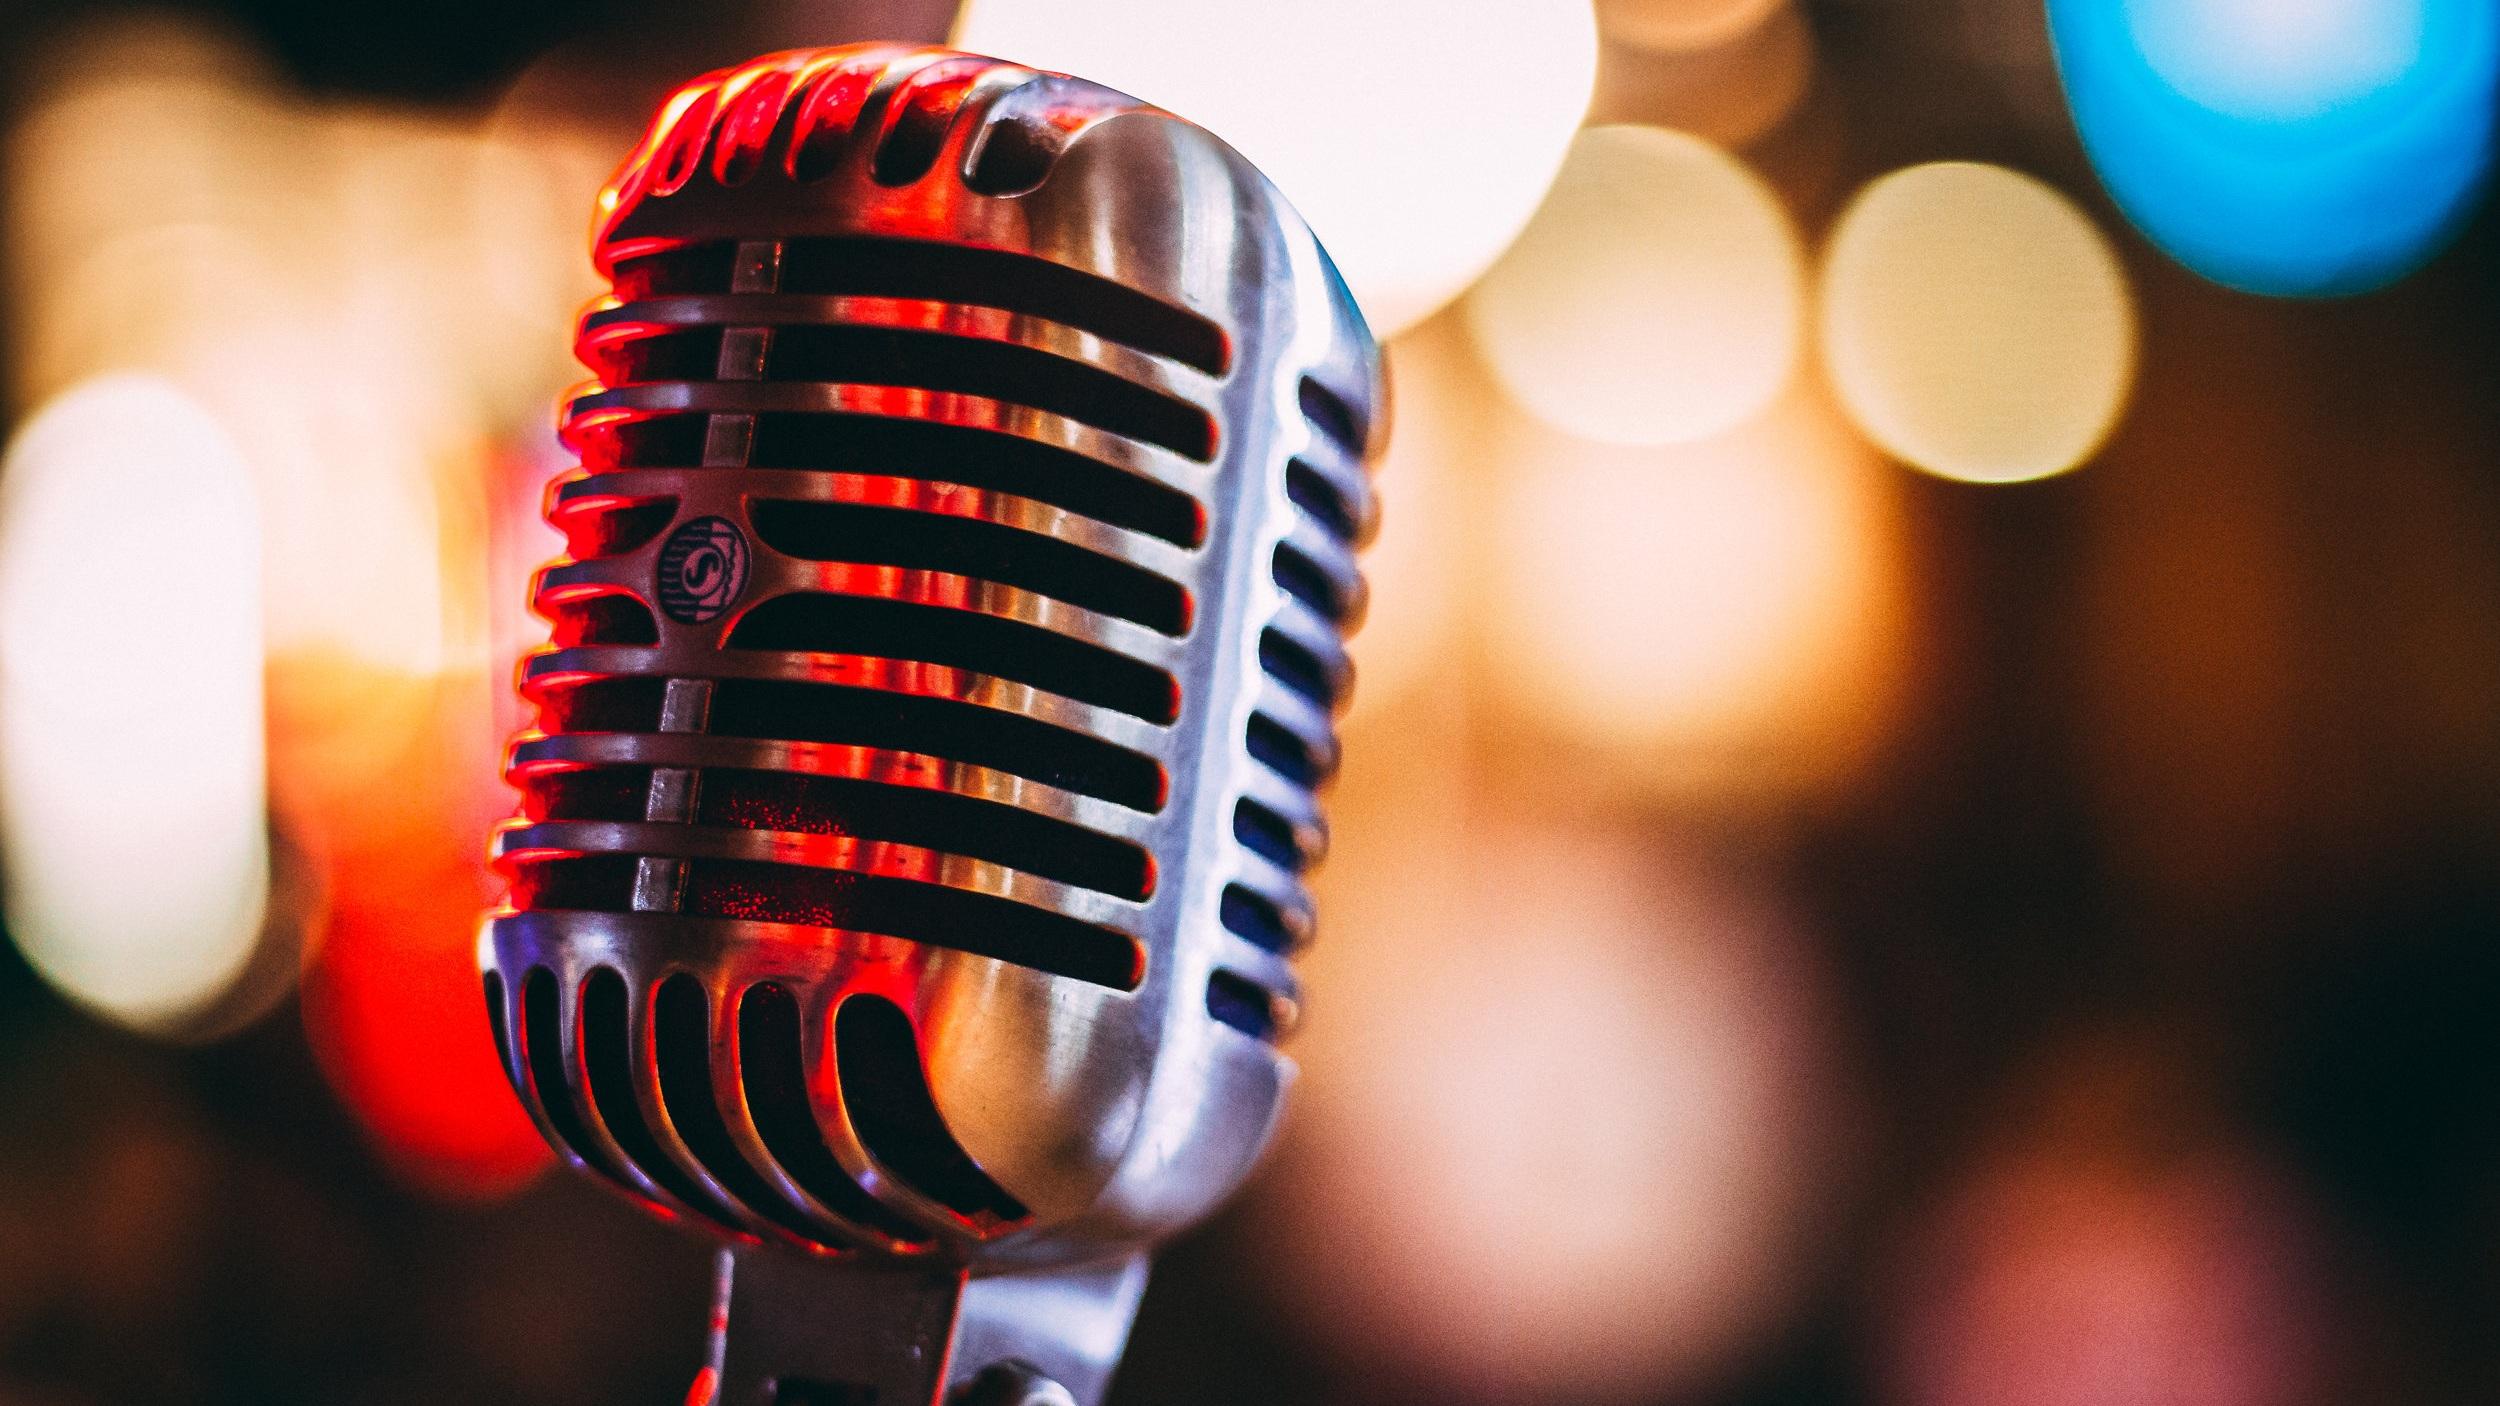 Grand Ole Ophry - På den här upplevelsen får du biljett till Grand Ole Ophry, ett radioprogram men nu är en liveshow, främst fokuserat på Countrymusik. Sedan 1925 sänds programmet från Nashville och är med det landets äldsta fortlöpande radioprogram.